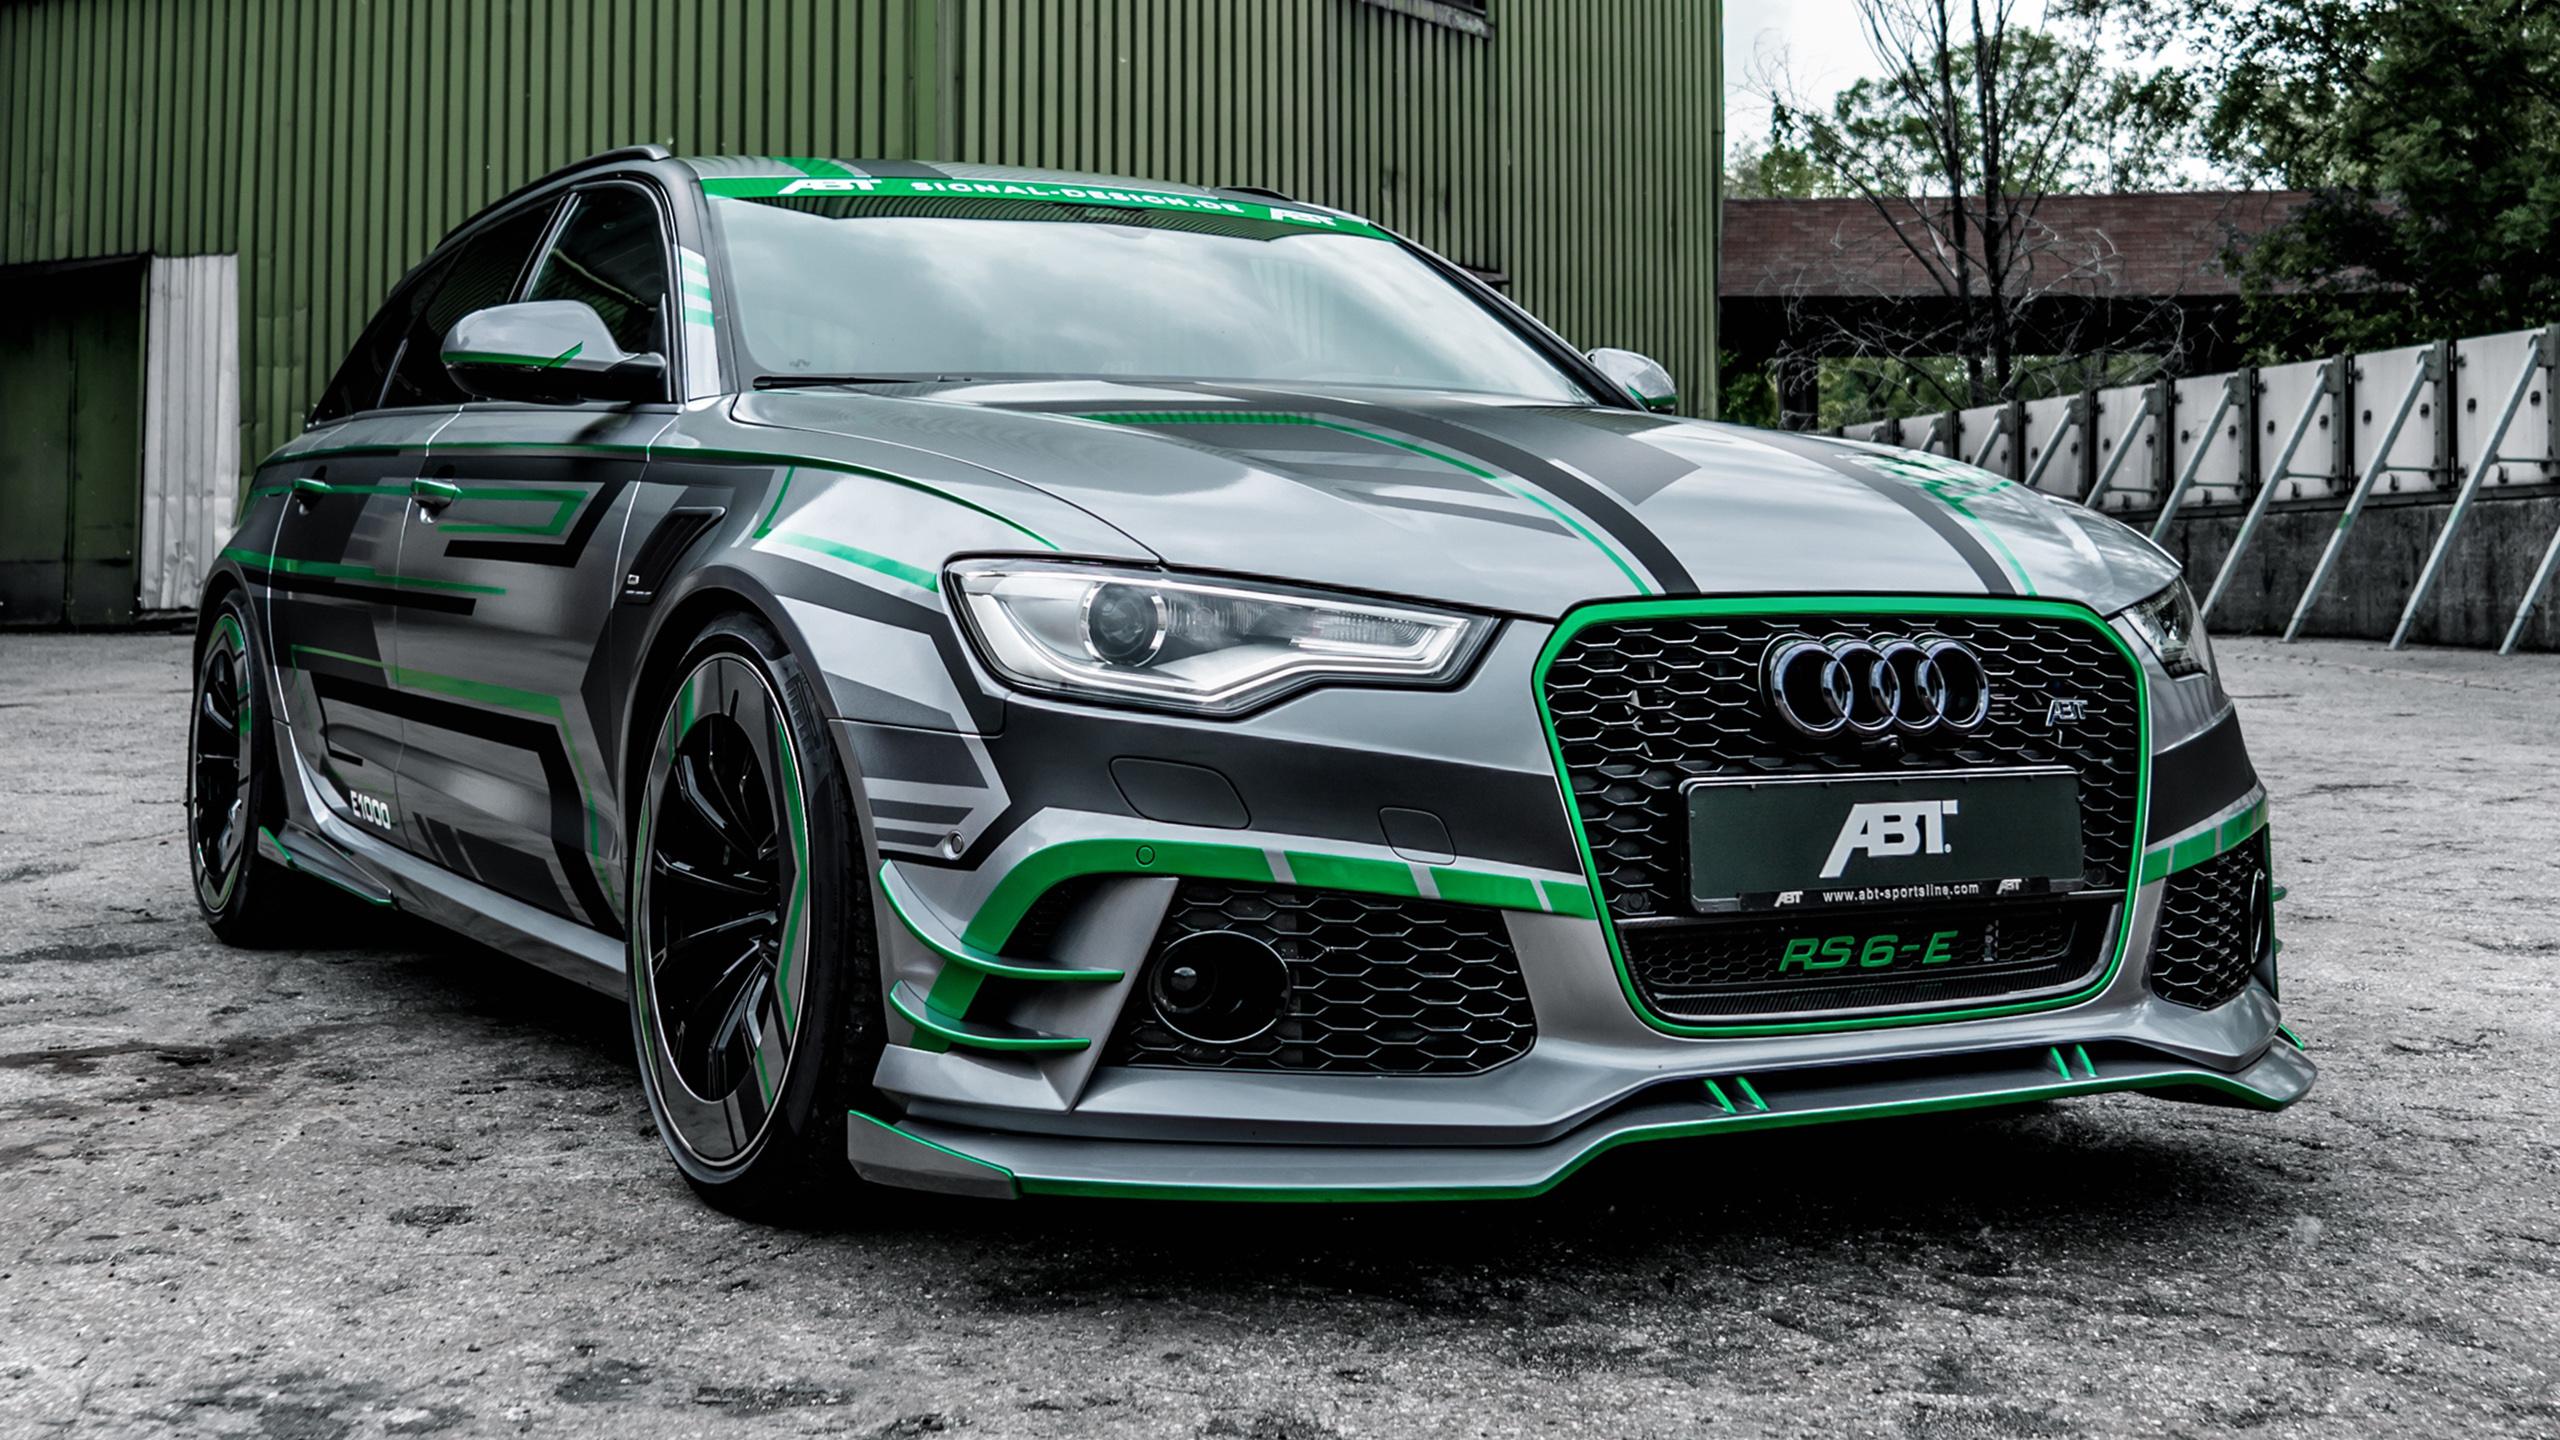 ABT Audi RS 6 E Avant Concept 2018 4K 2 Wallpaper HD Car